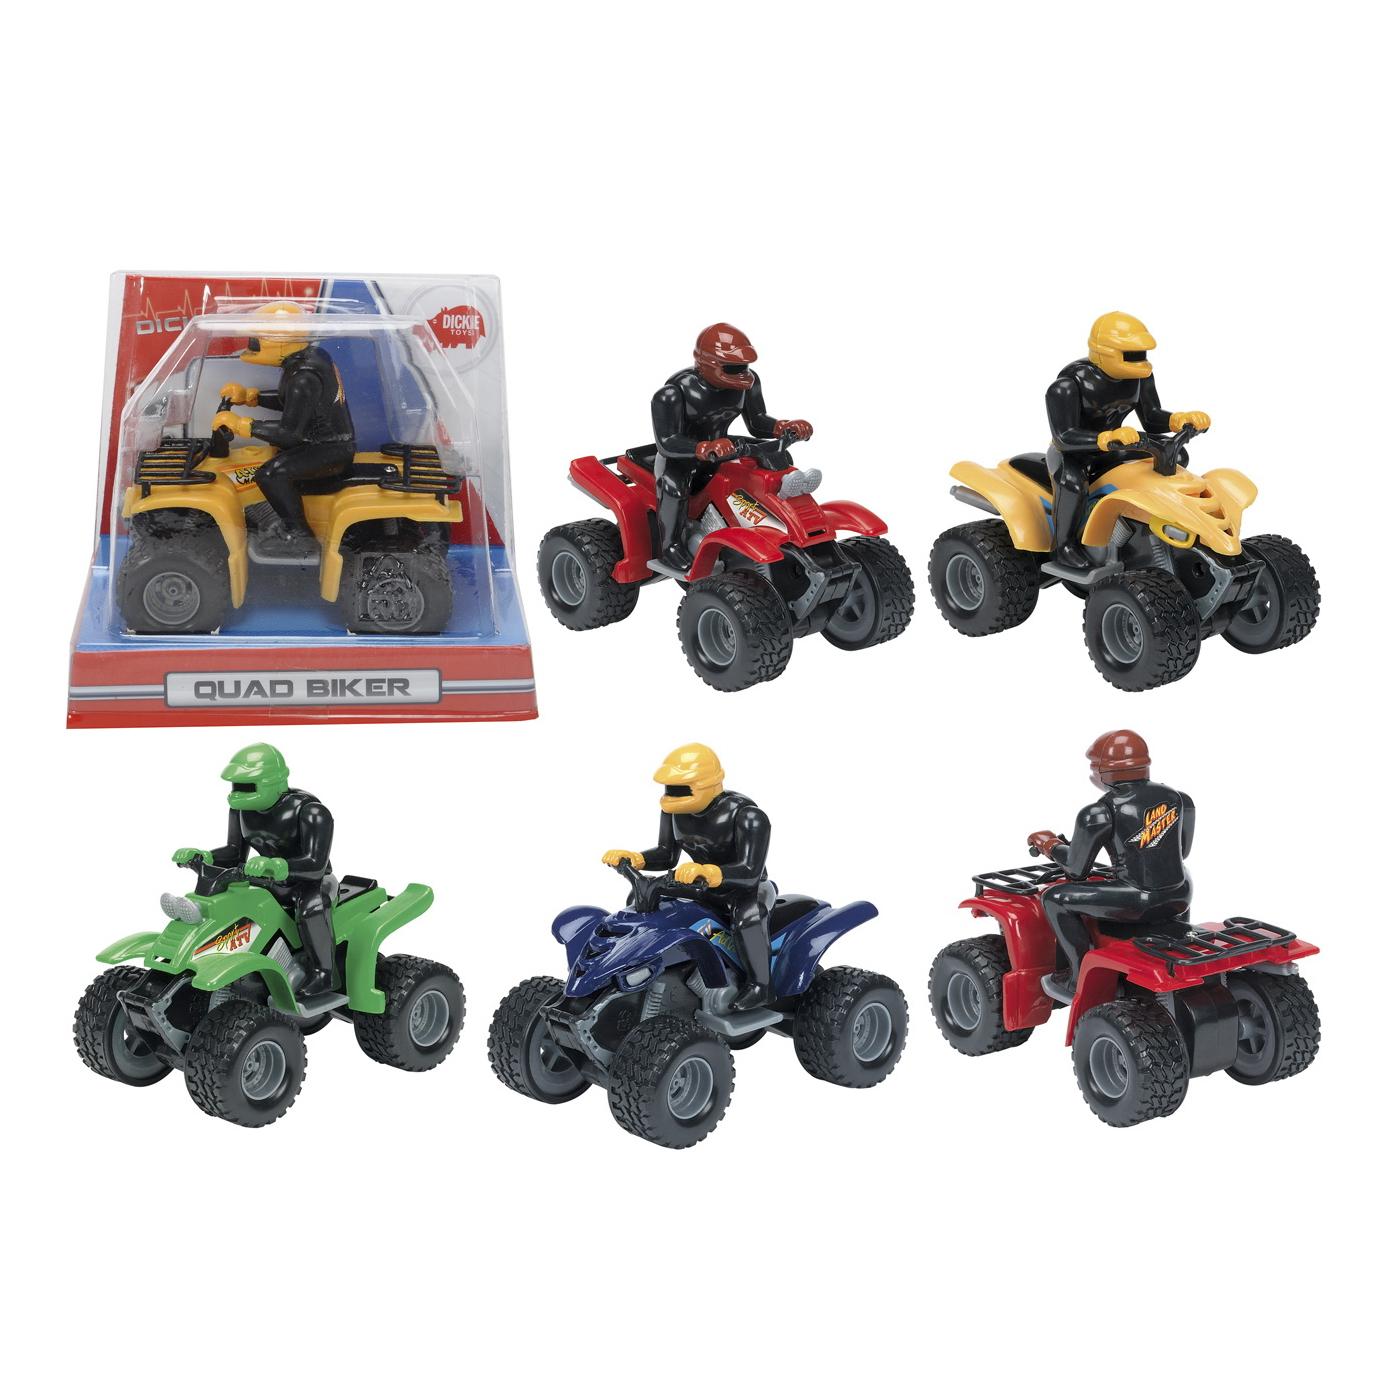 Квадроцикл с фигуркой водителя, 10 см., 6 видовДжипы<br>Квадроцикл с фигуркой водителя, 10 см., 6 видов<br>